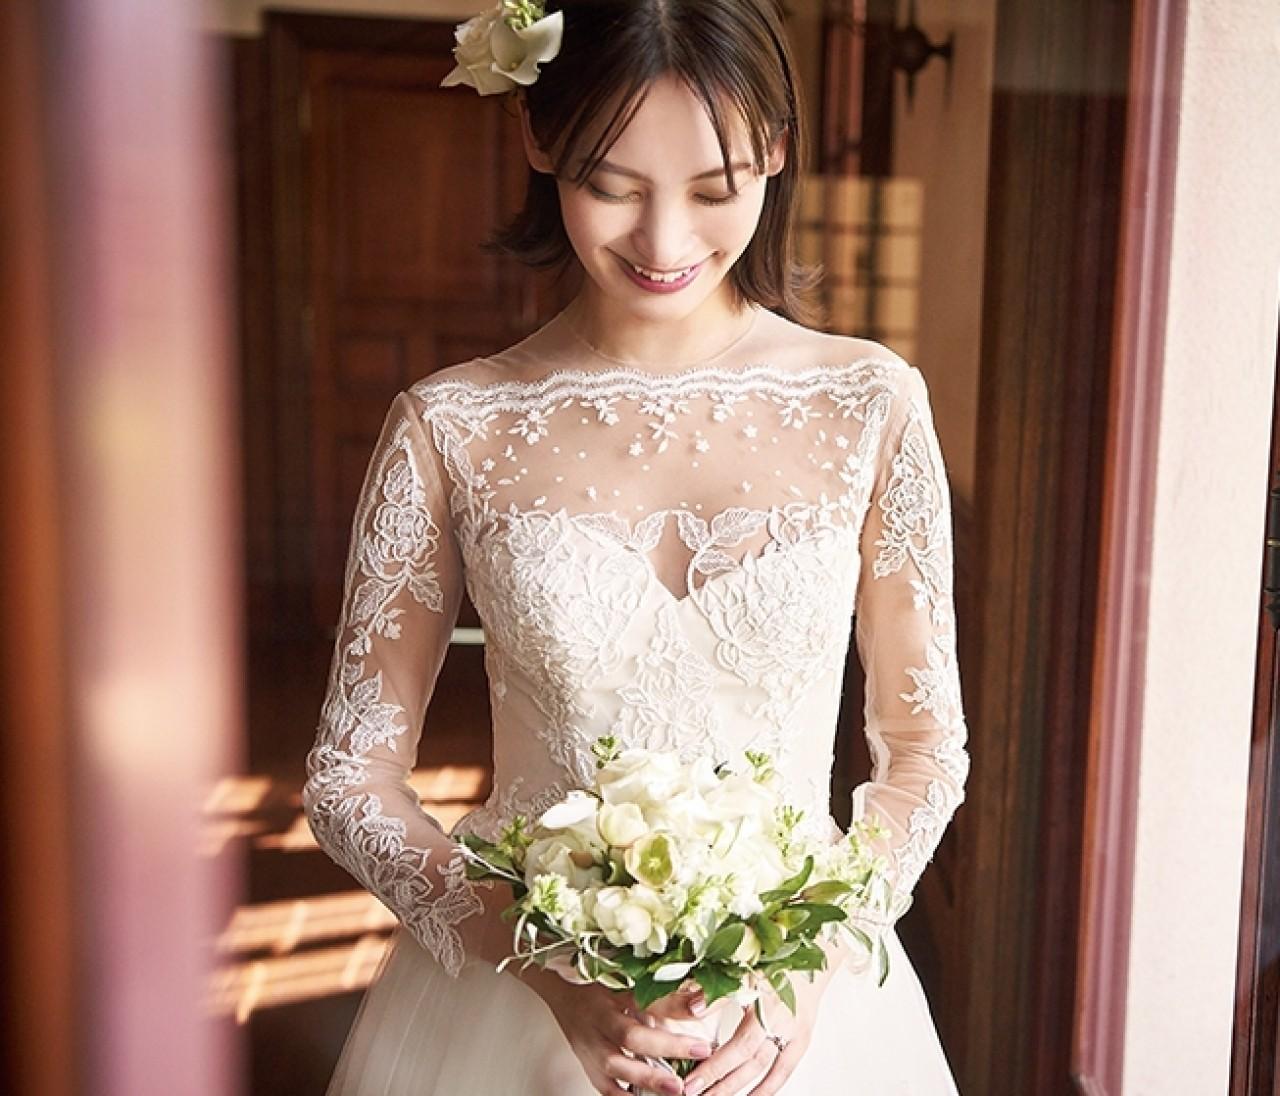 【ウェディングドレスまとめ】大人のあか抜けフェミニンウェディングをかなえる最新ウェディングドレス♡